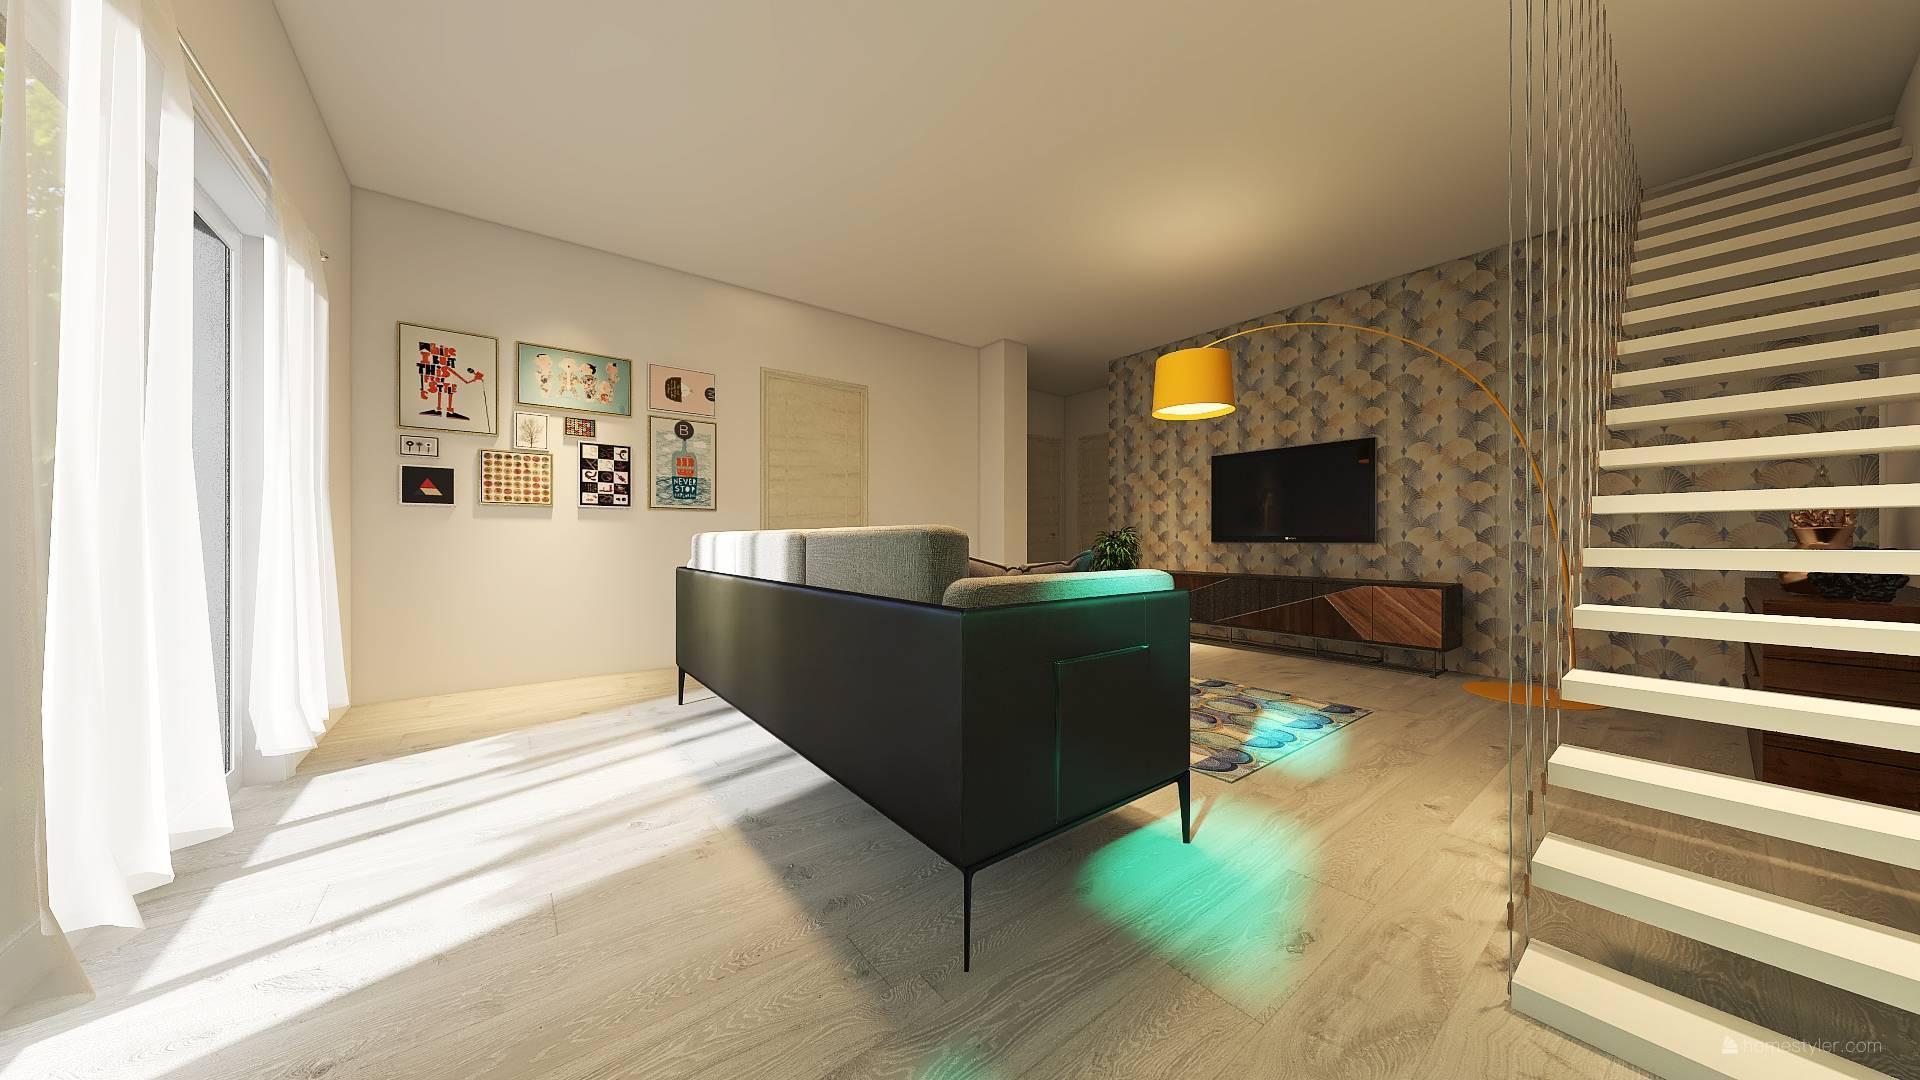 Villa in vendita a Oleggio, 4 locali, prezzo € 240.000 | CambioCasa.it